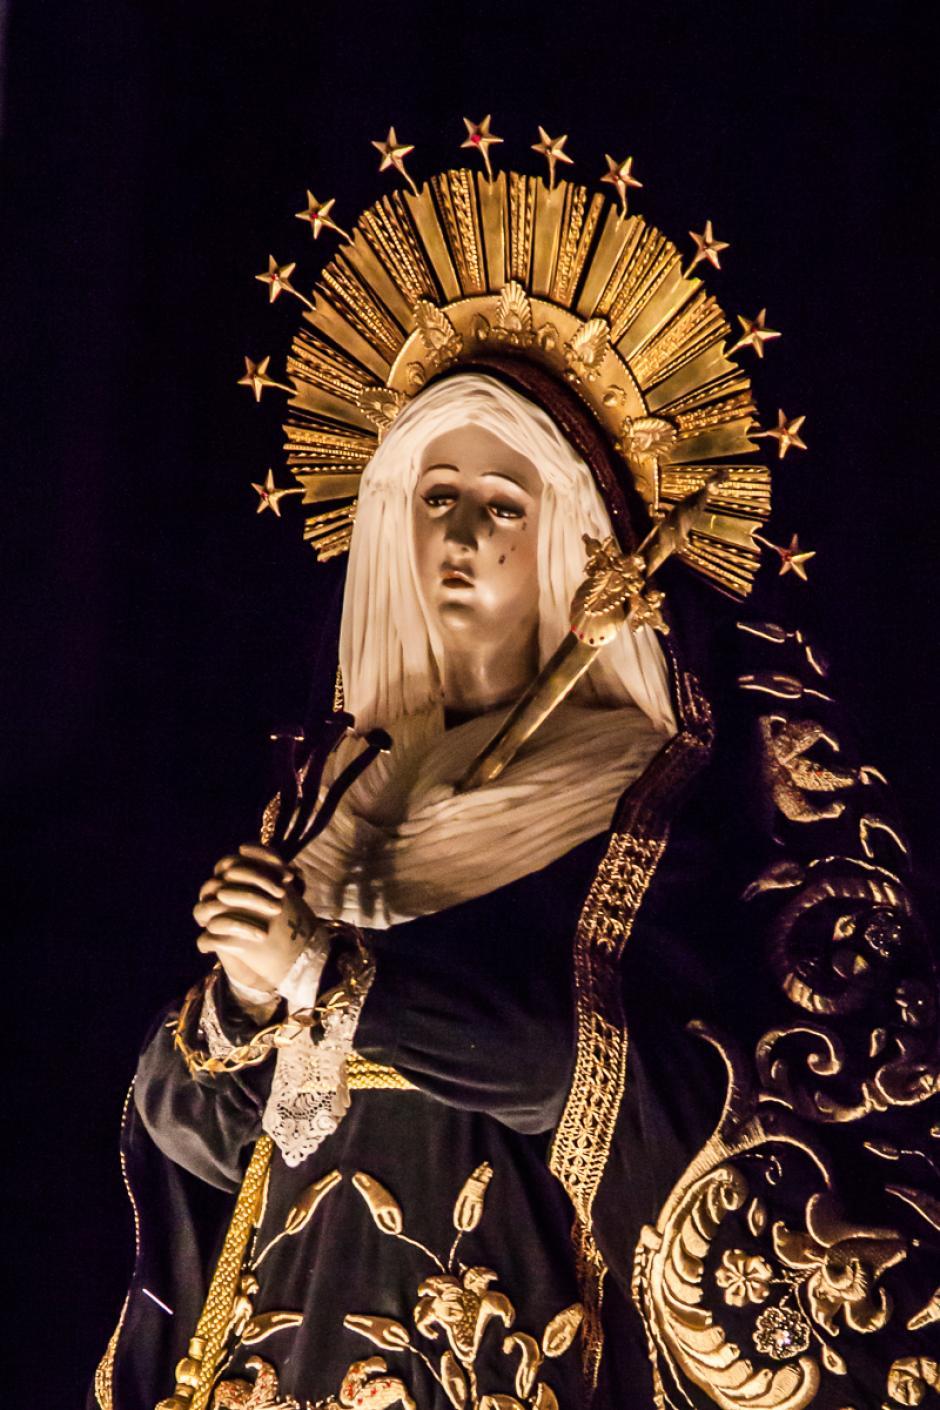 La Virgen acompaña el cortejo procesional en este Viernes Santo. (Foto: Mario Hernández/Soy502)